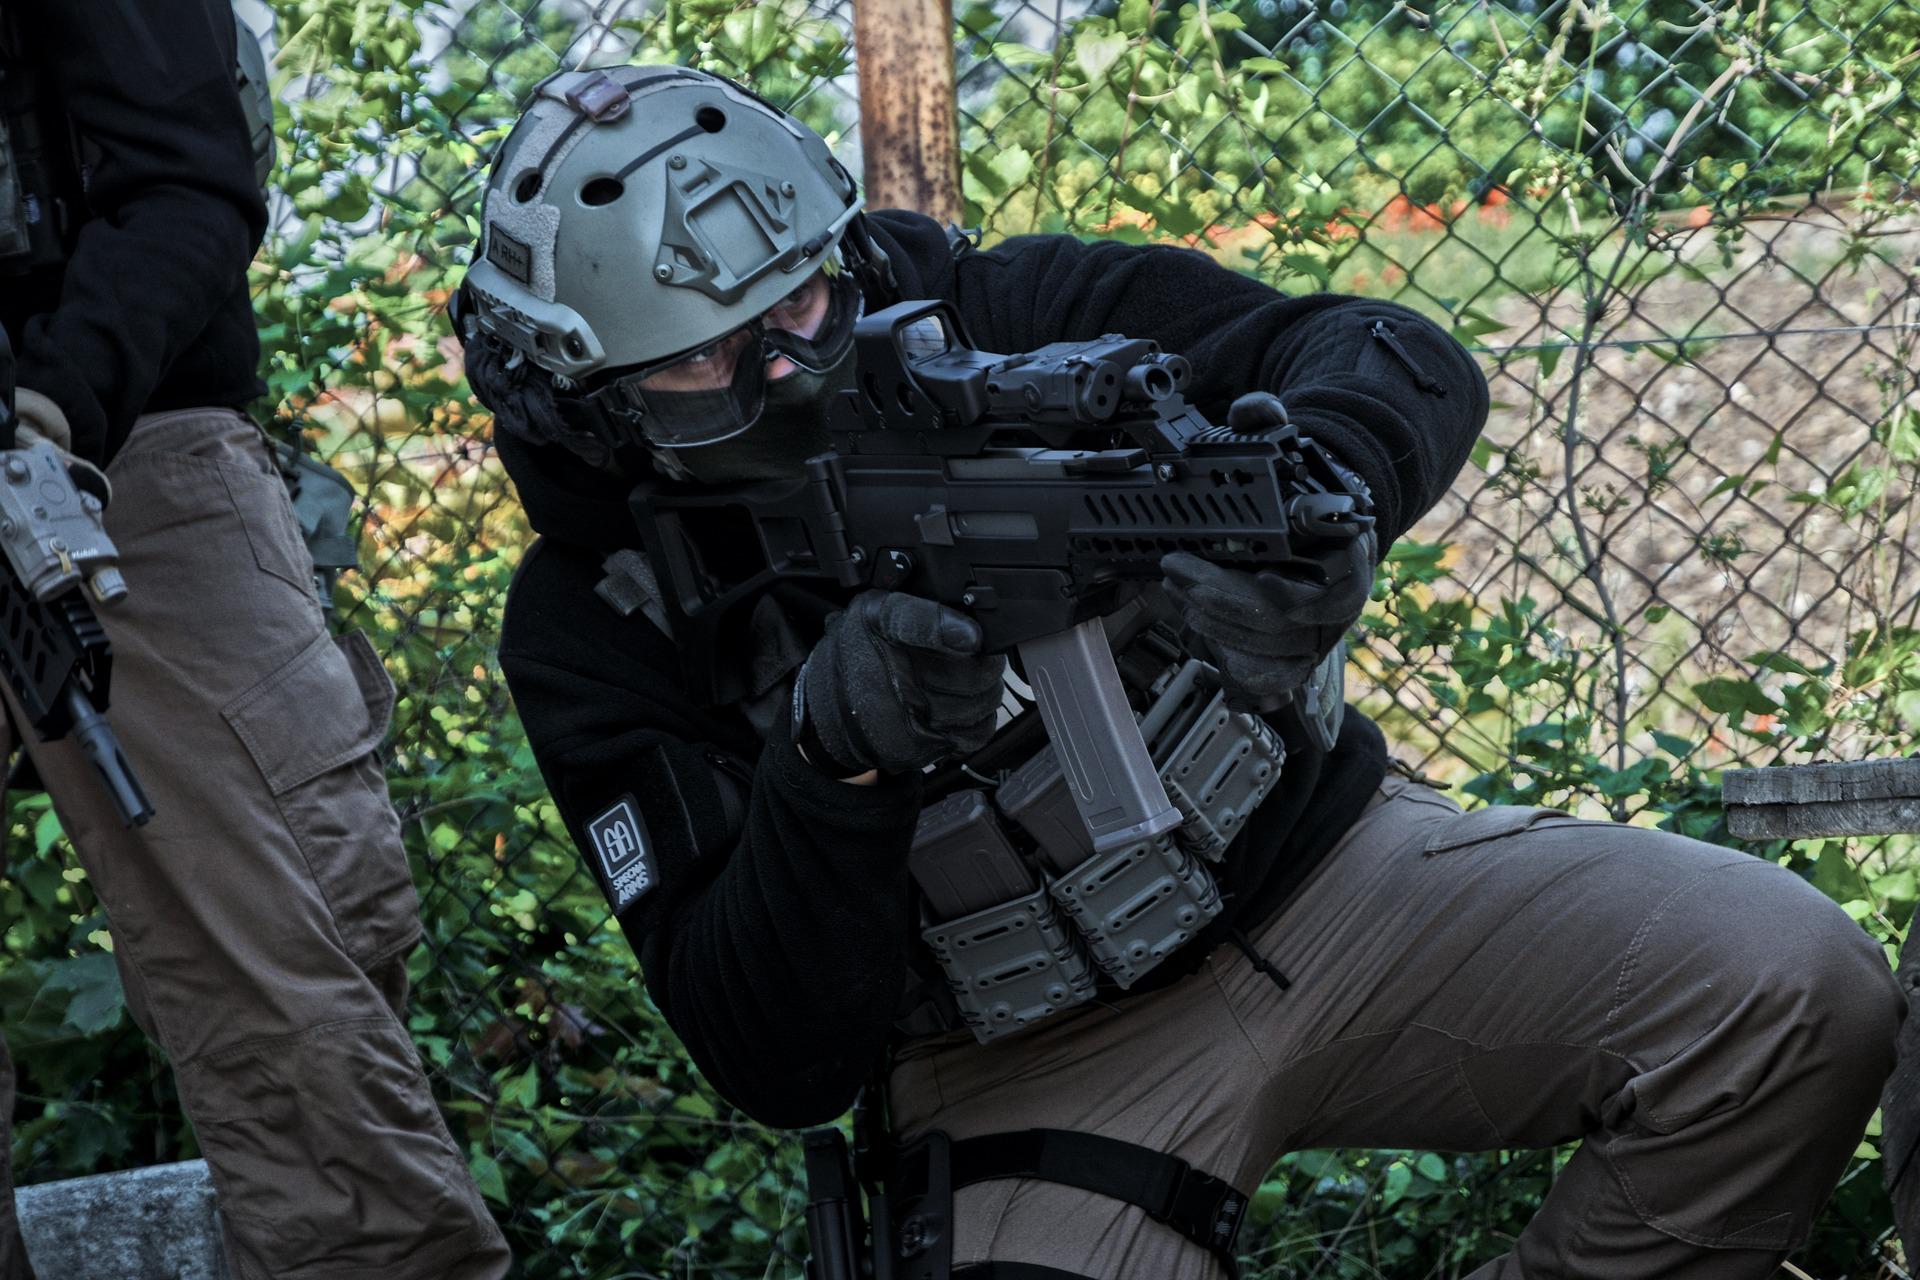 Imagem mostra um homem praticando airsoft com uma máscara de proteção.